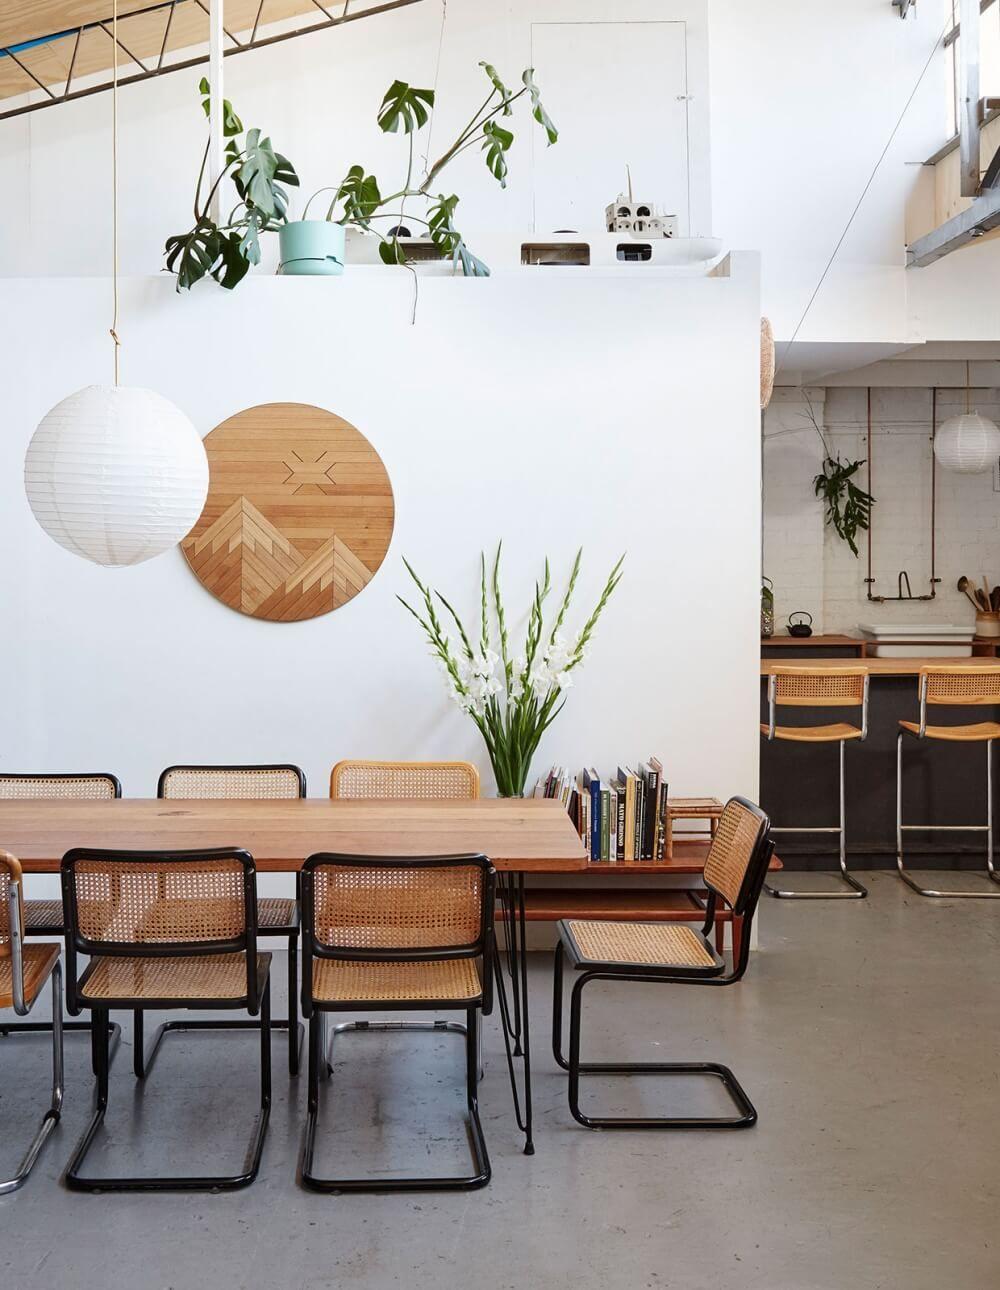 Arten von esszimmermöbeln natürliche materialien und volumenspiele in   innendekoration